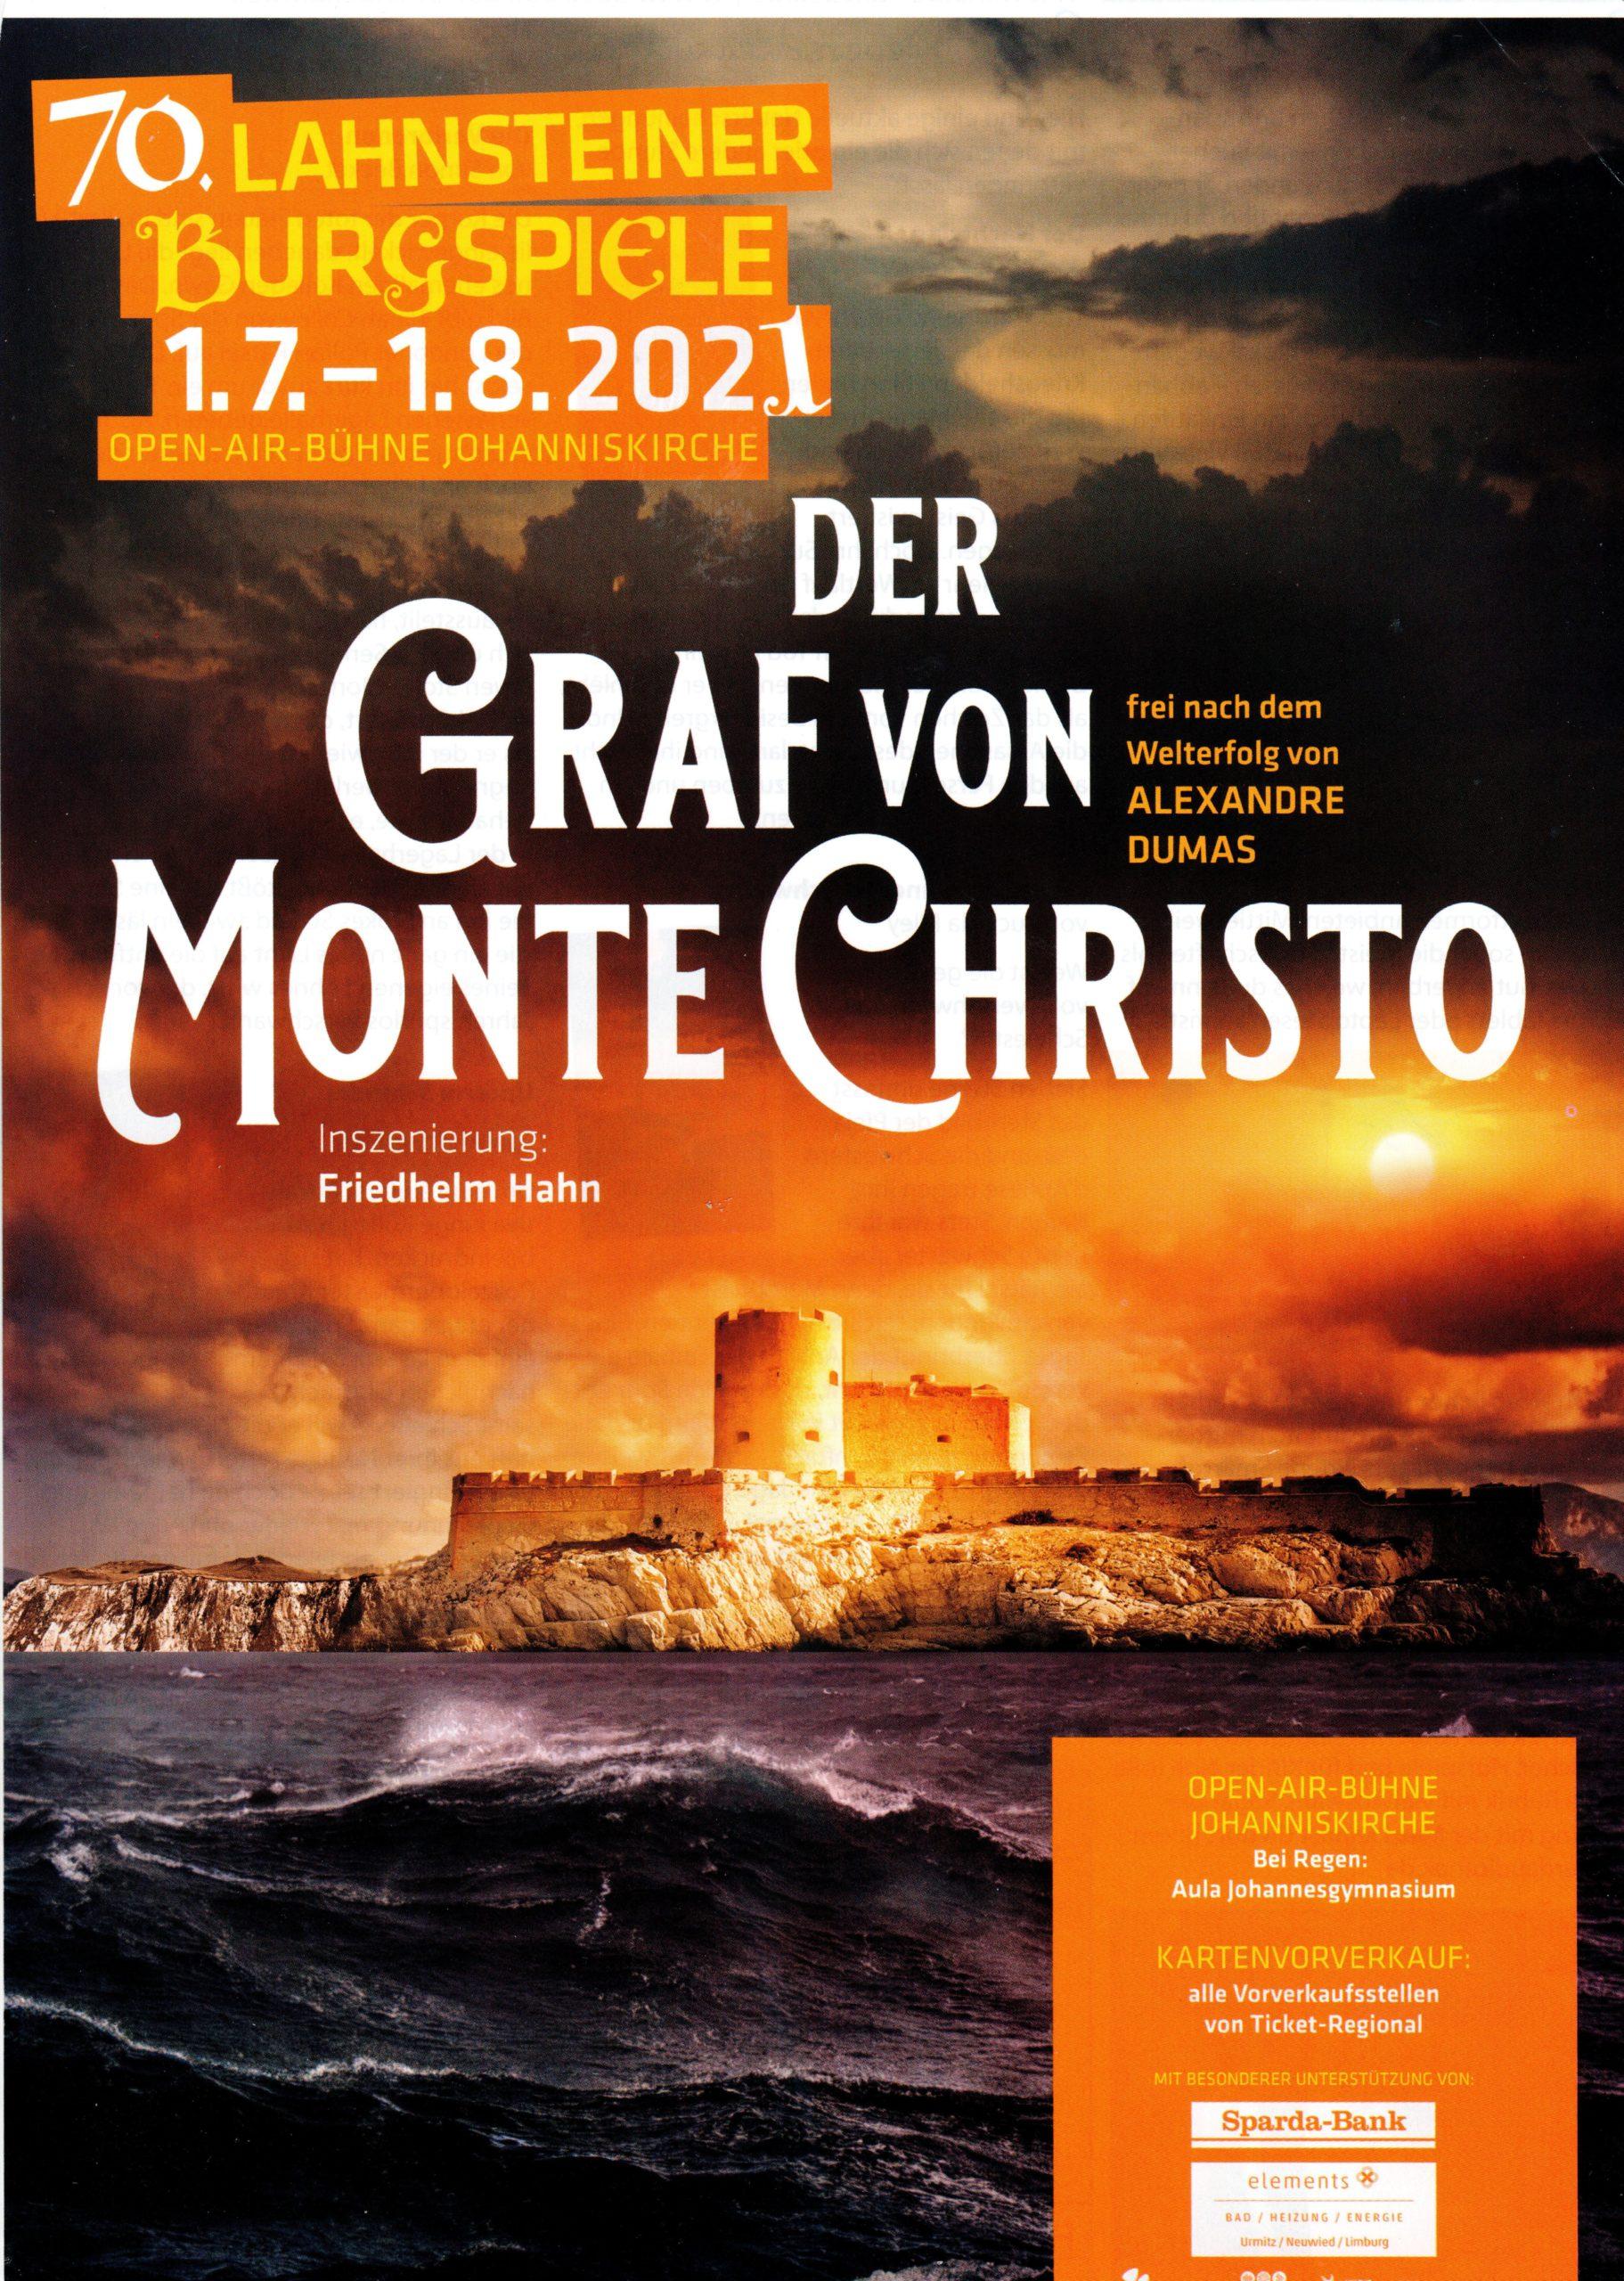 der Graf von Monte Chrito